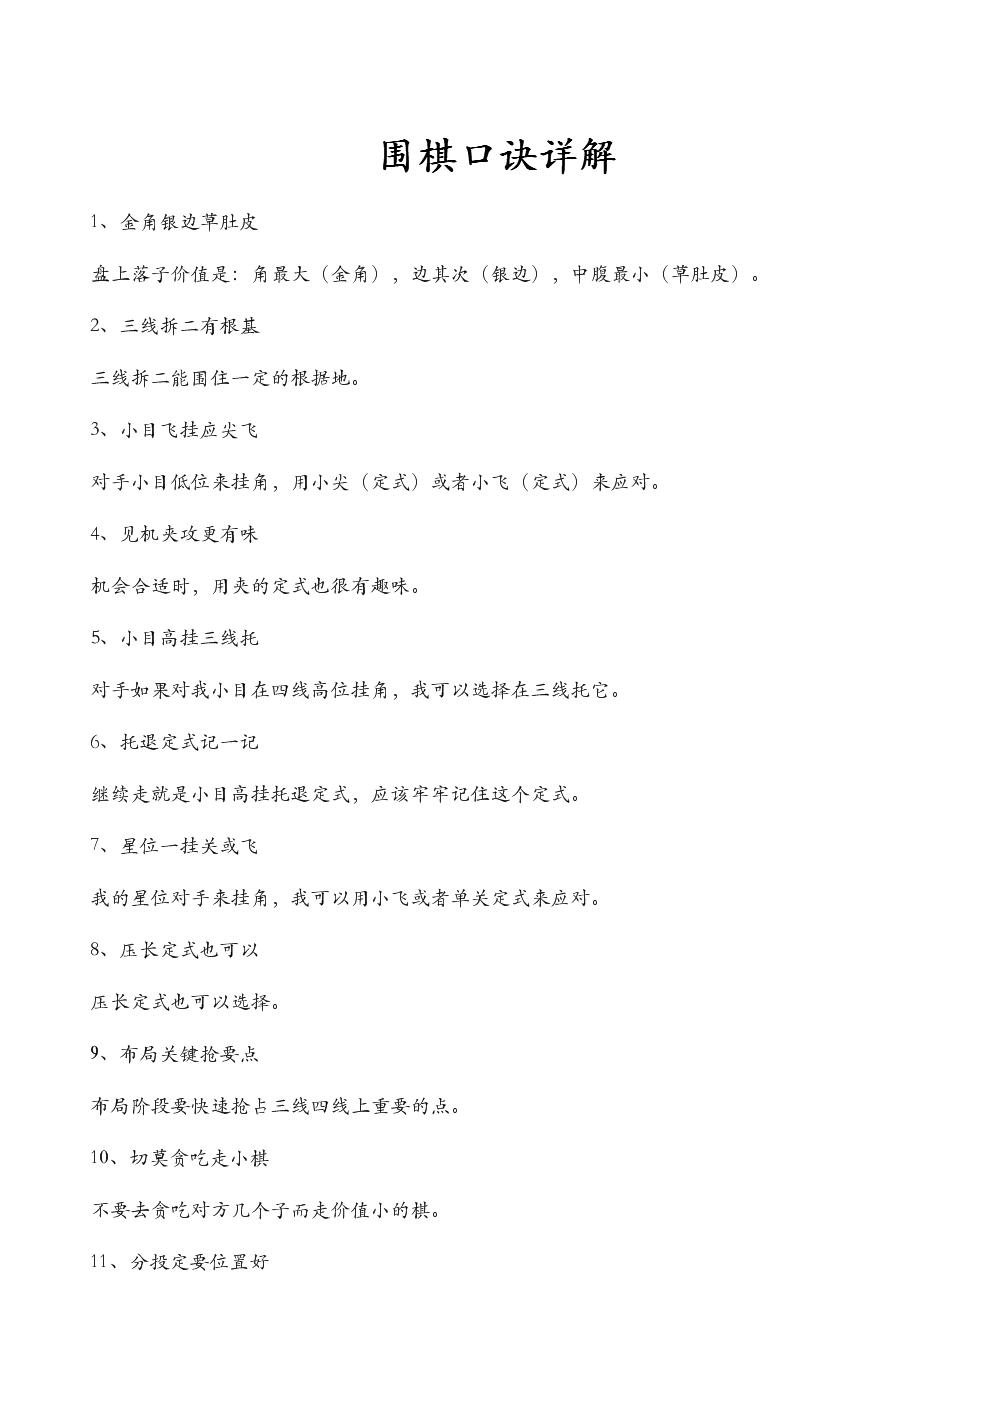 围棋口诀200句详解(两篇).doc